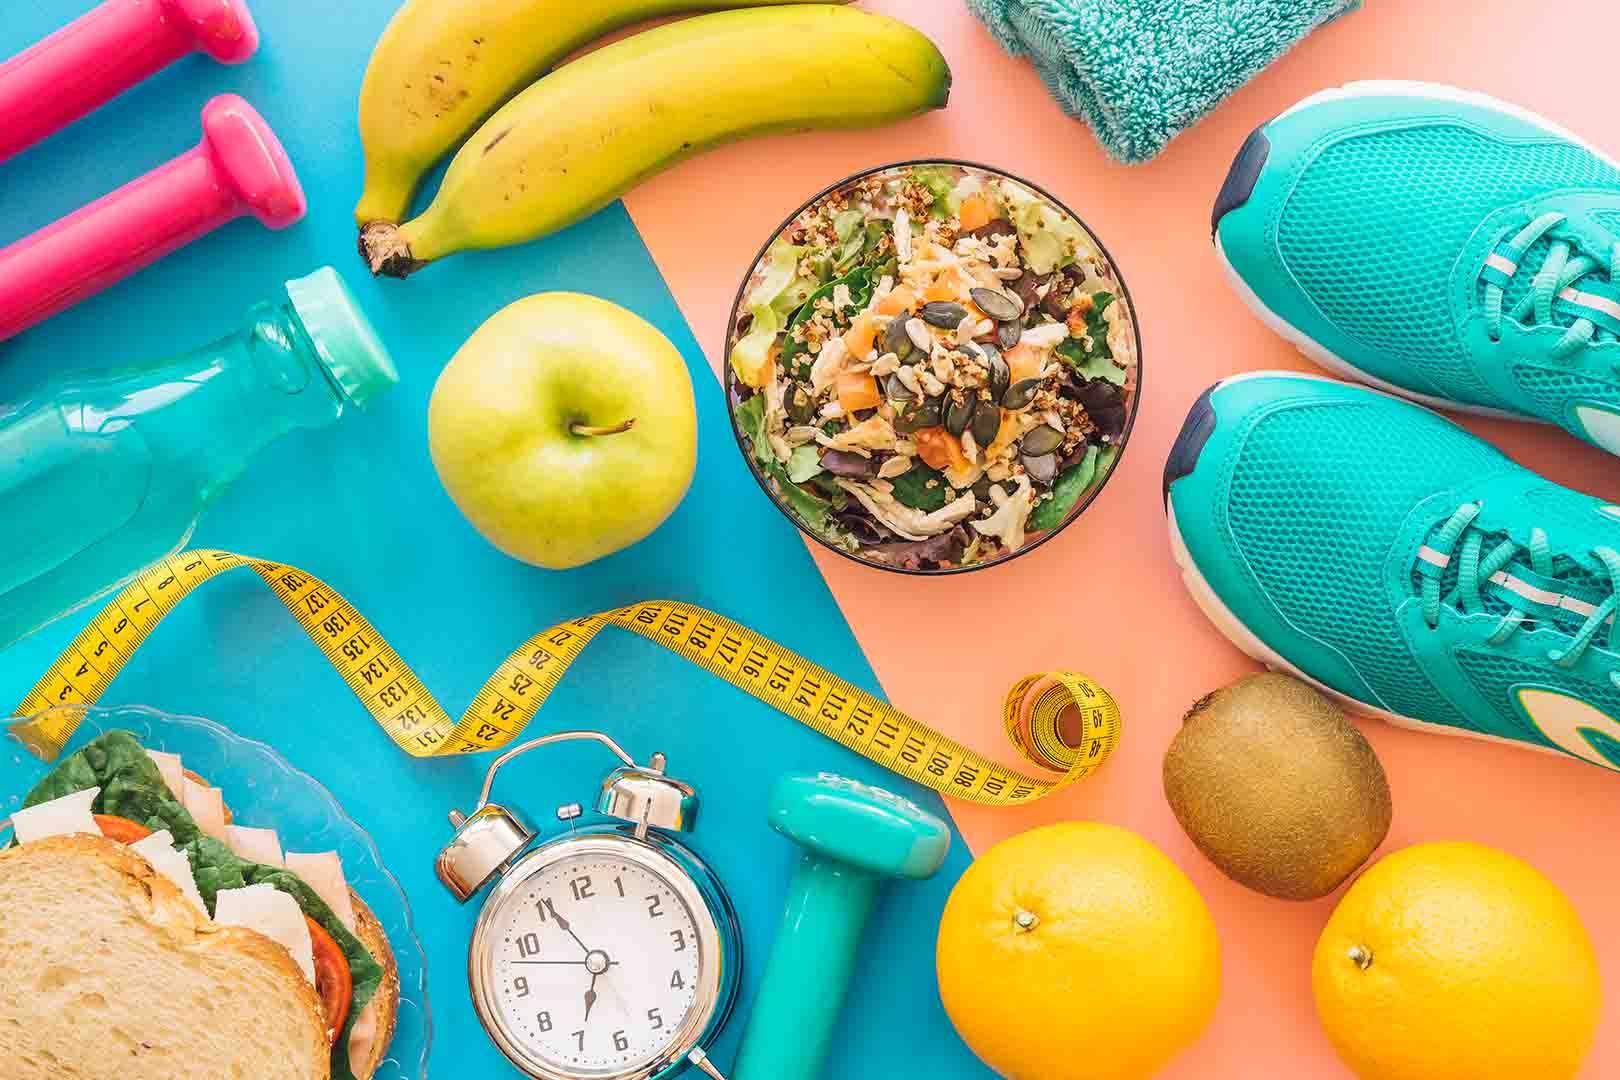 cemilan-sehat-untuk-diet